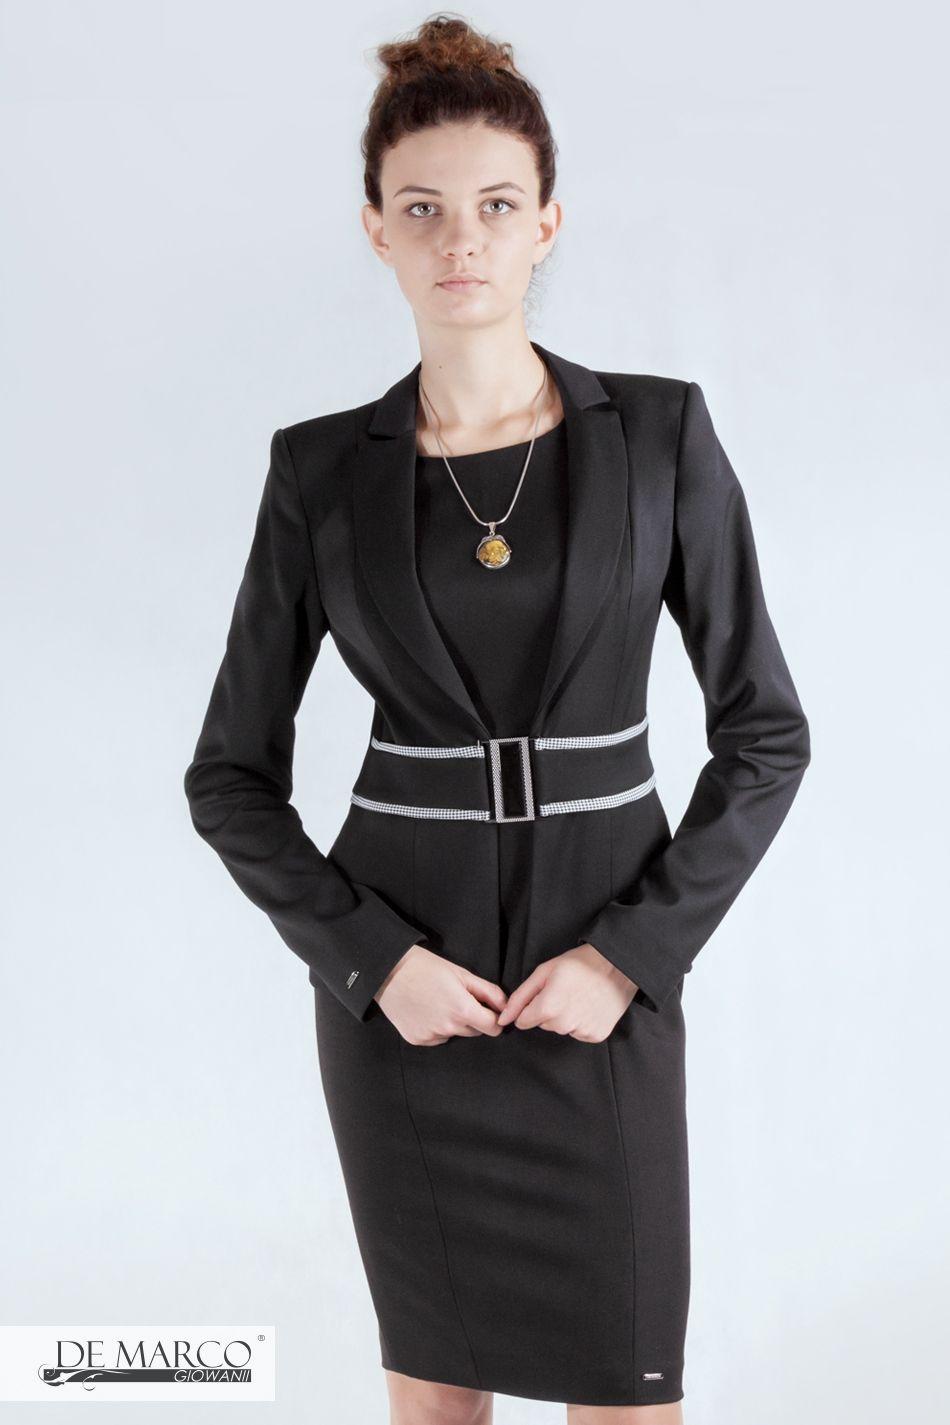 457a09146a Zestaw biznesowy. Czarna sukienka taliowana. Doskonale profiluje figurę